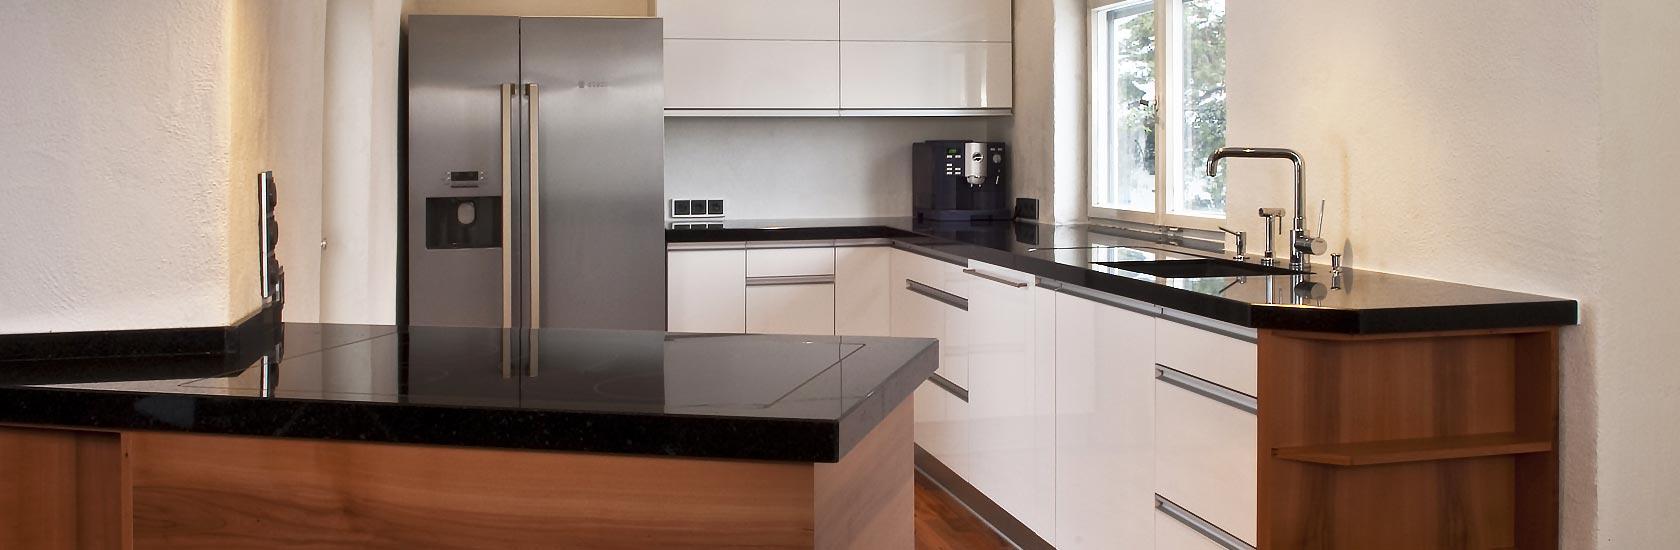 Schreiner Küche kücheneinbau küchendesign schreinerei schwarzmaier in starnberg